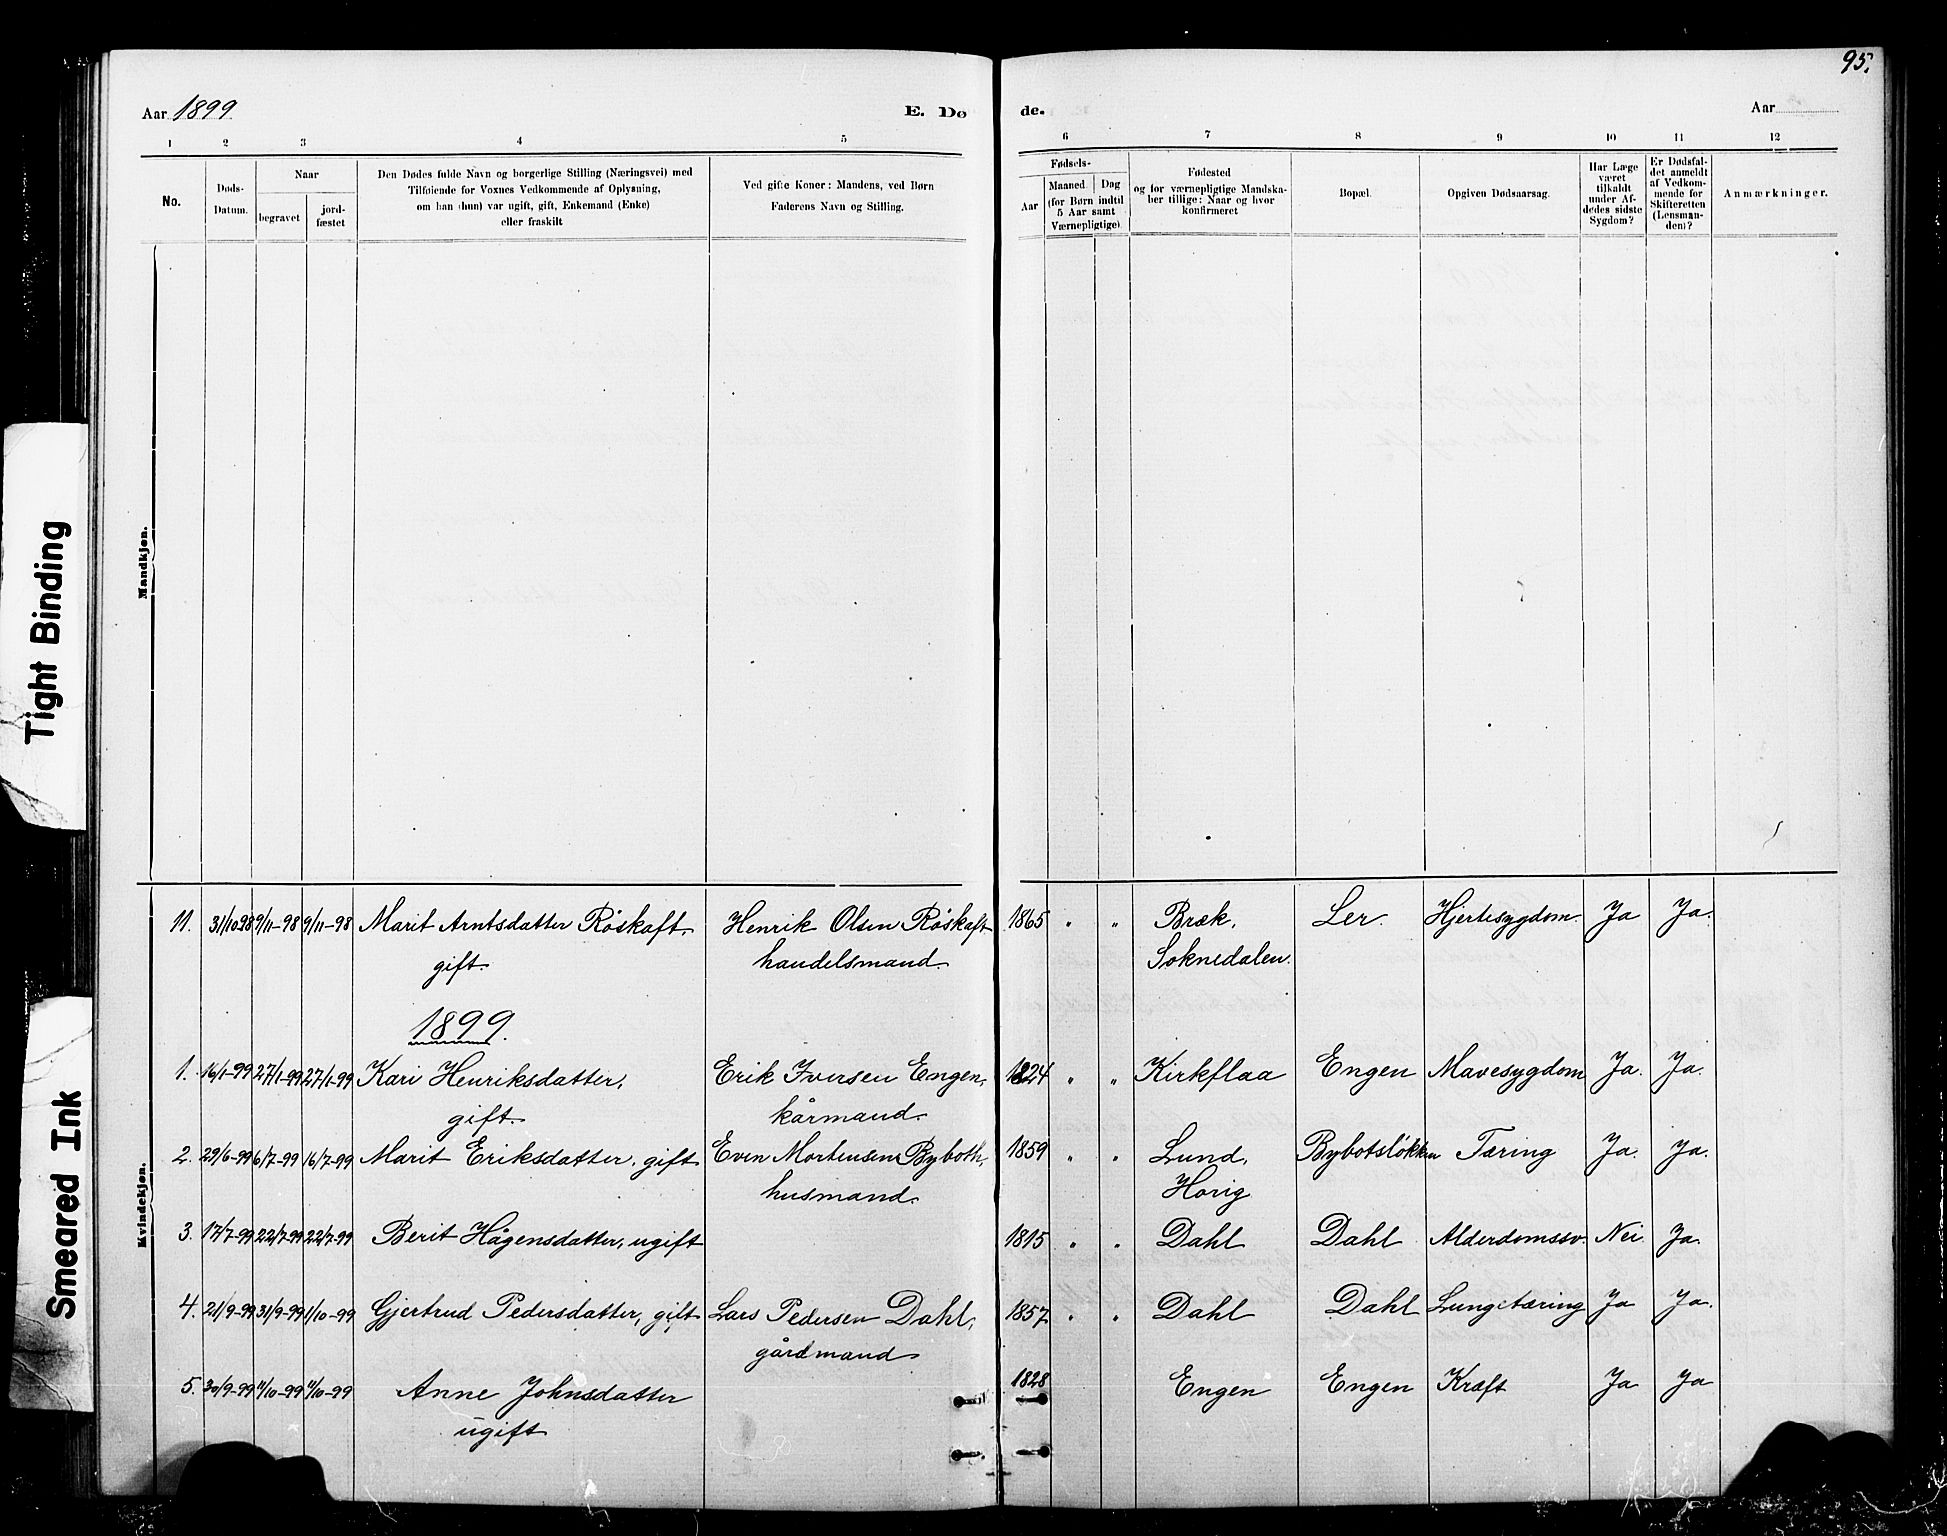 SAT, Ministerialprotokoller, klokkerbøker og fødselsregistre - Sør-Trøndelag, 693/L1123: Klokkerbok nr. 693C04, 1887-1910, s. 95